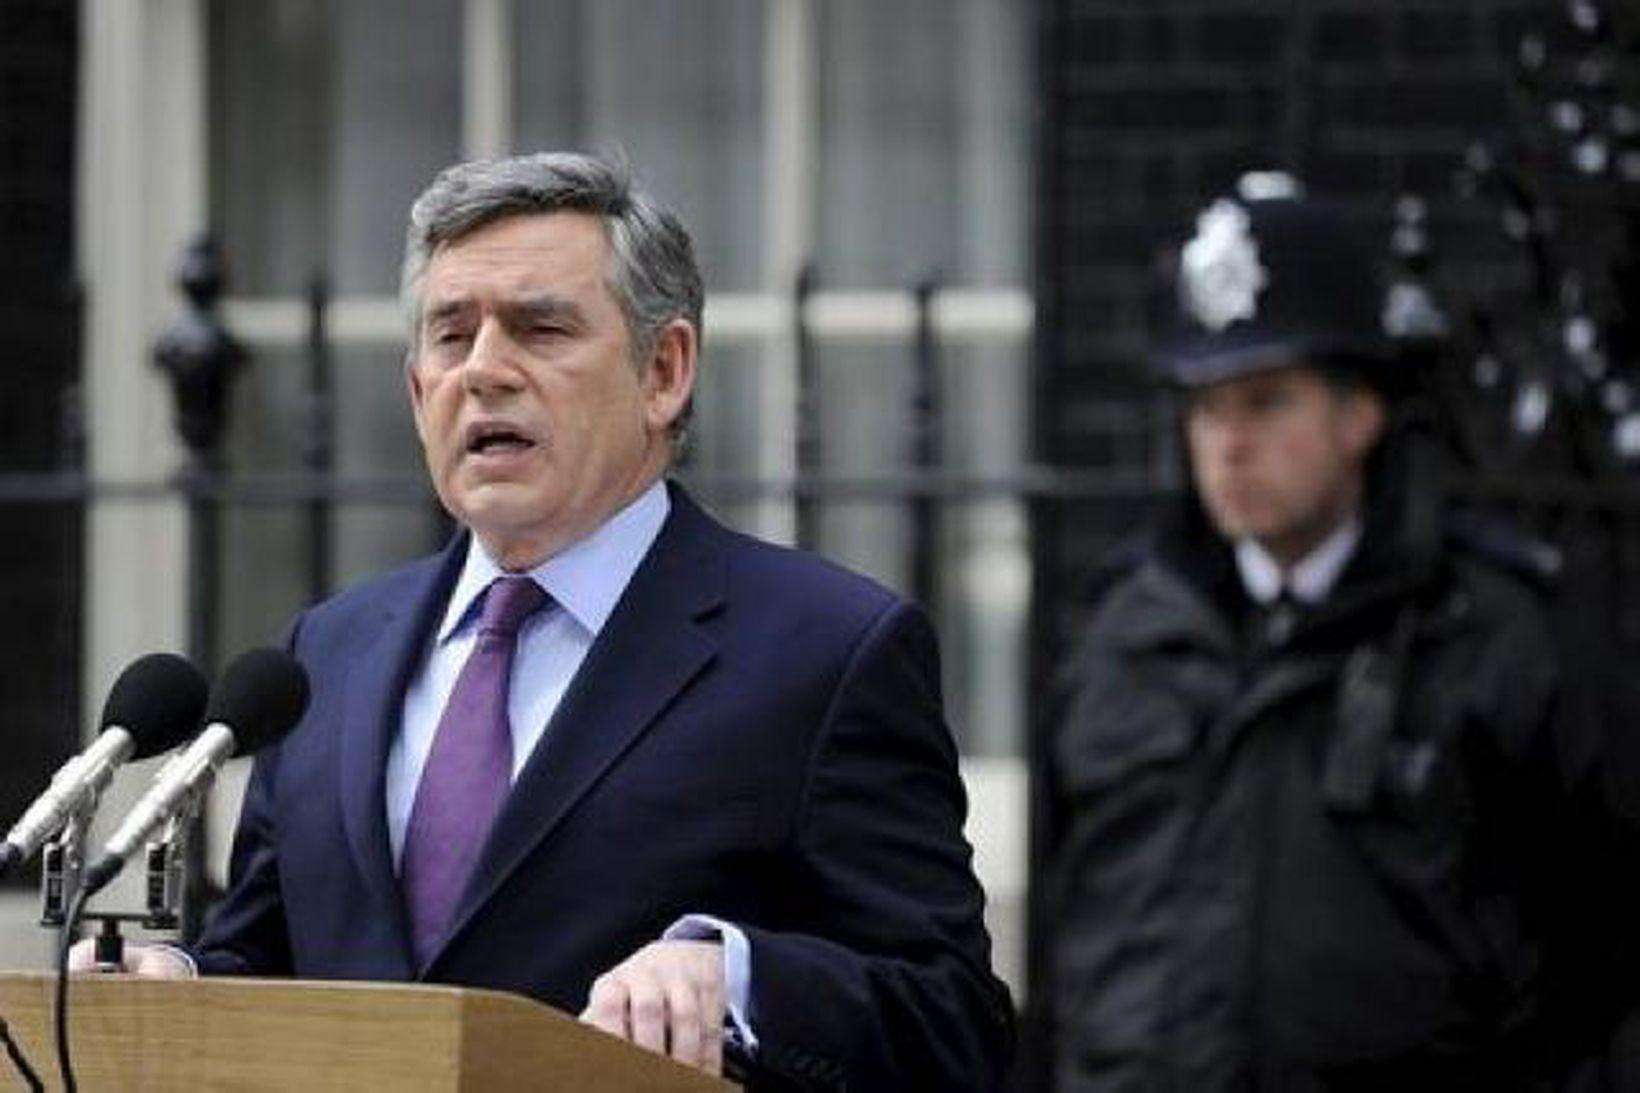 Gordon Brown tók ákvörðun um að beita hryðjuverkalögum gegn Íslandi …